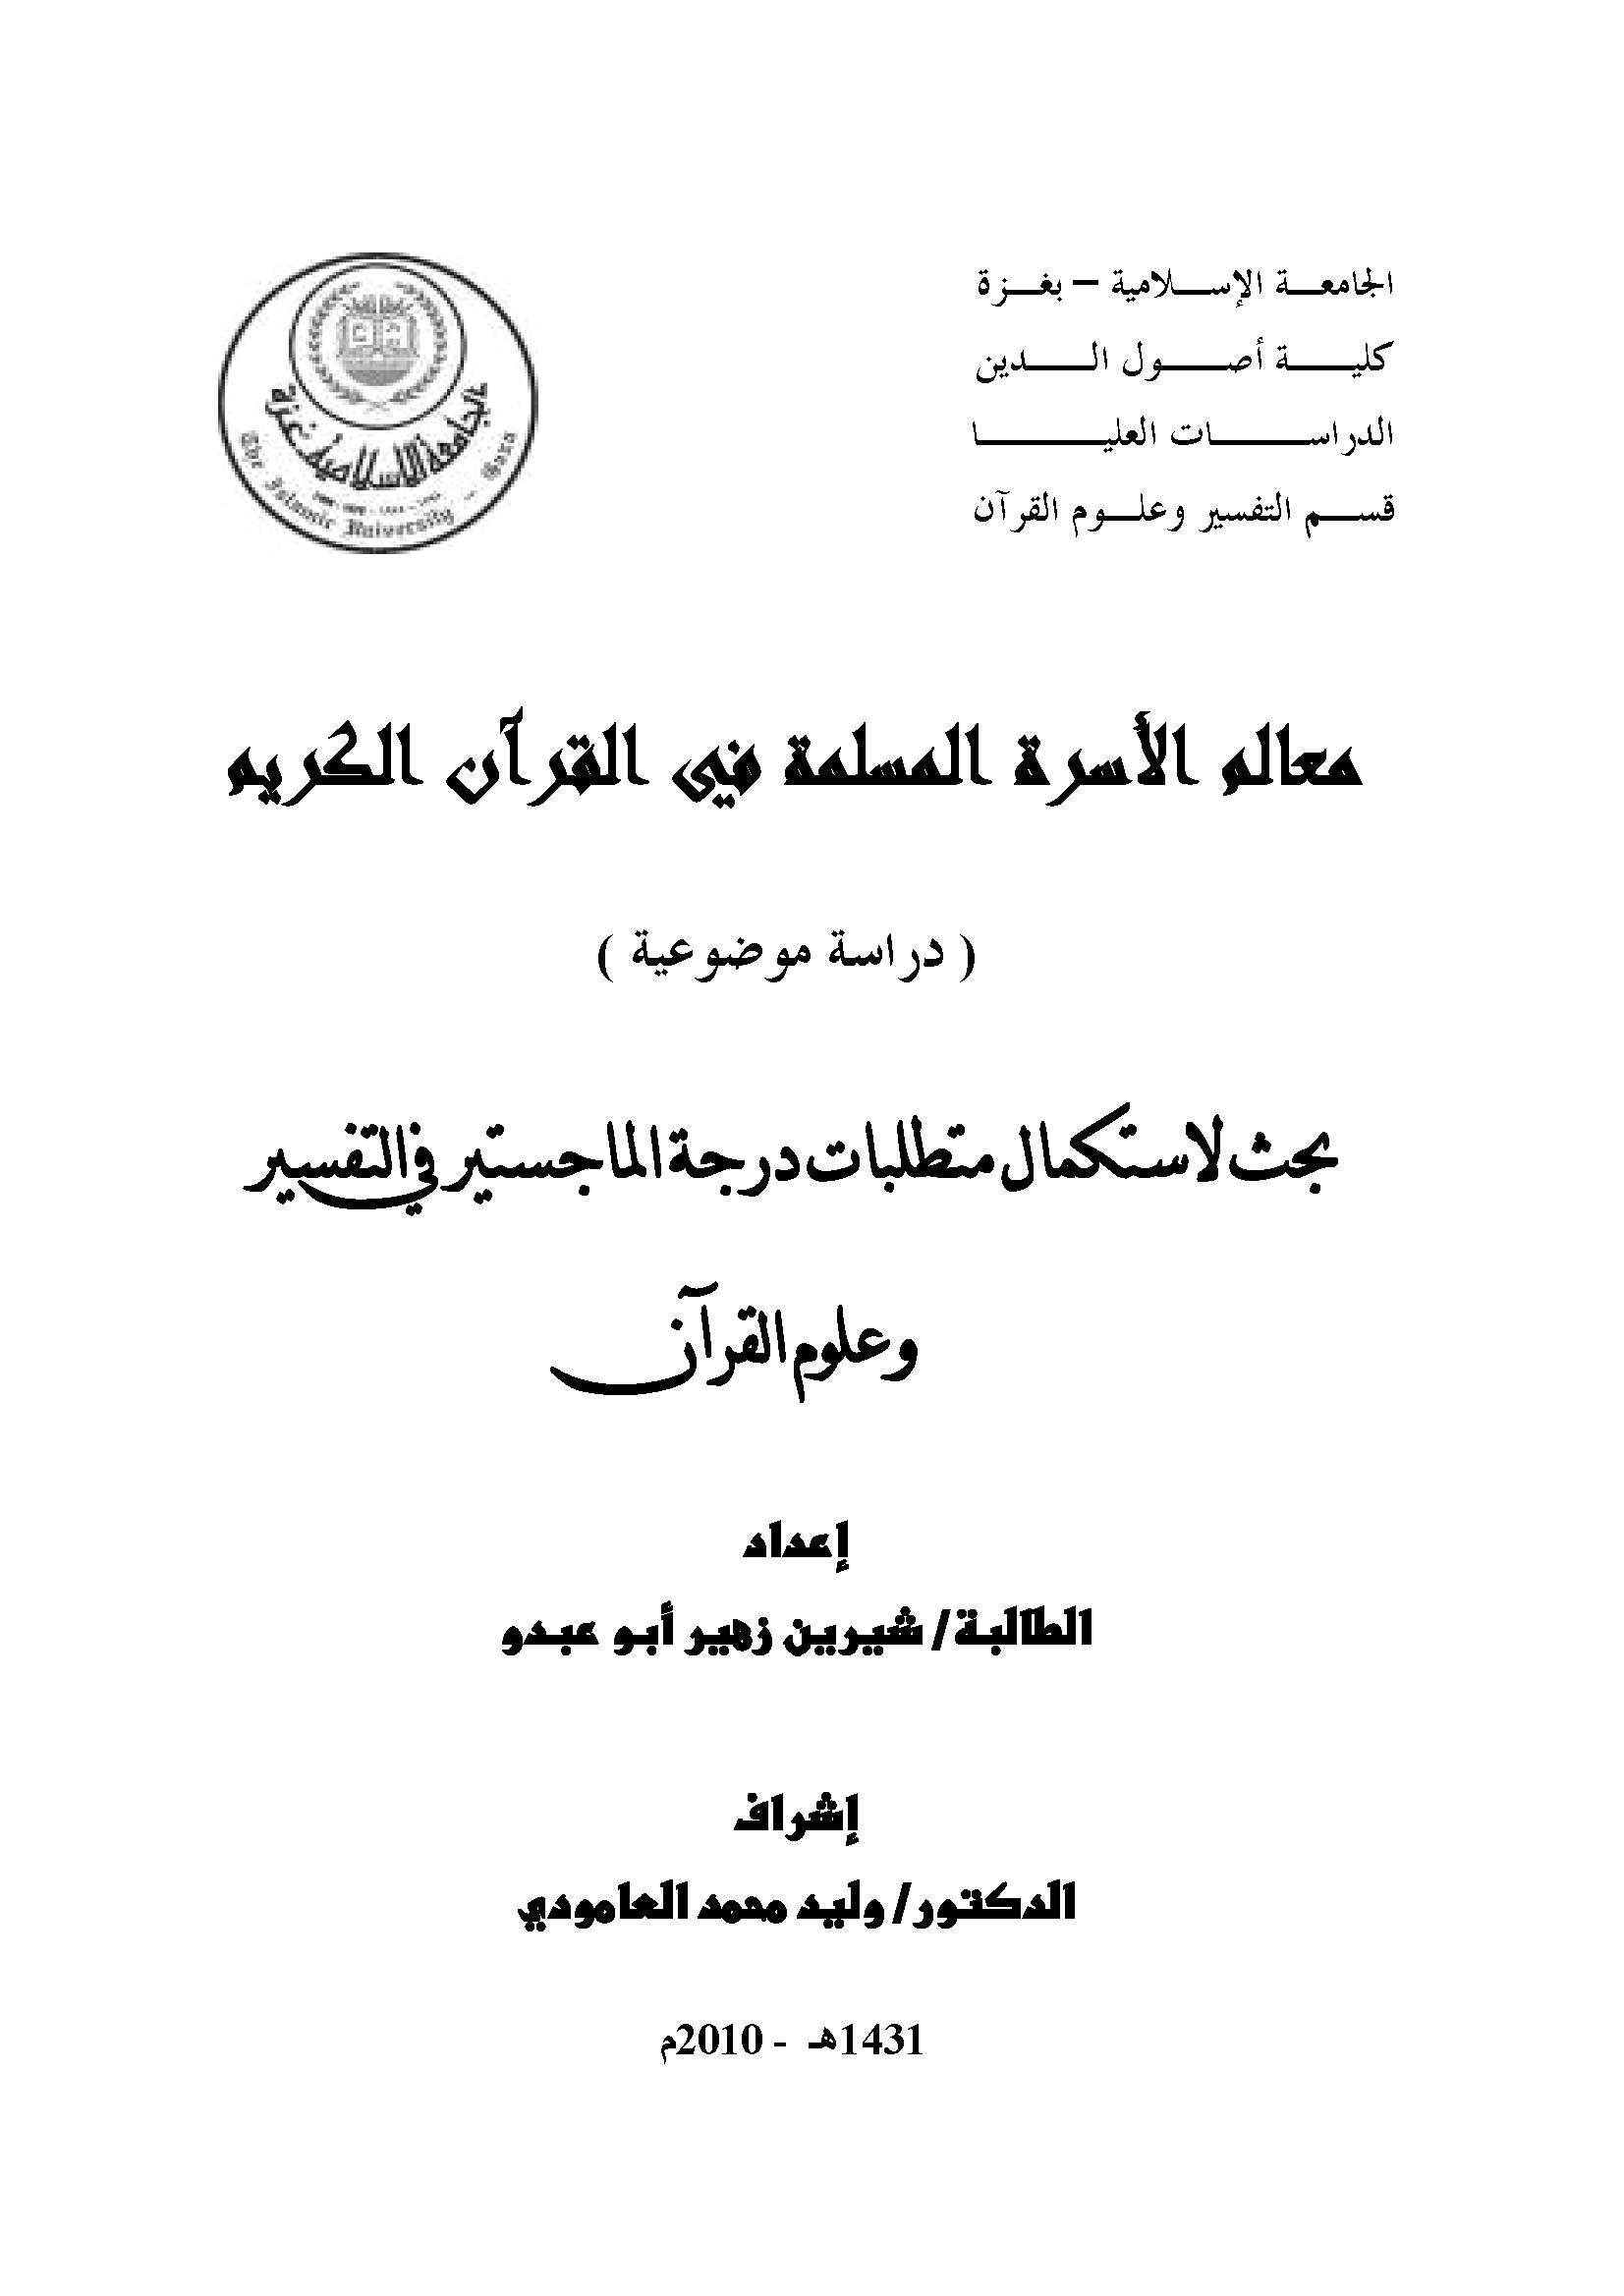 تحميل كتاب معالم الأسرة المسلمة في القرآن الكريم (دراسة موضوعية) لـِ: شيرين زهير أبو عبدو